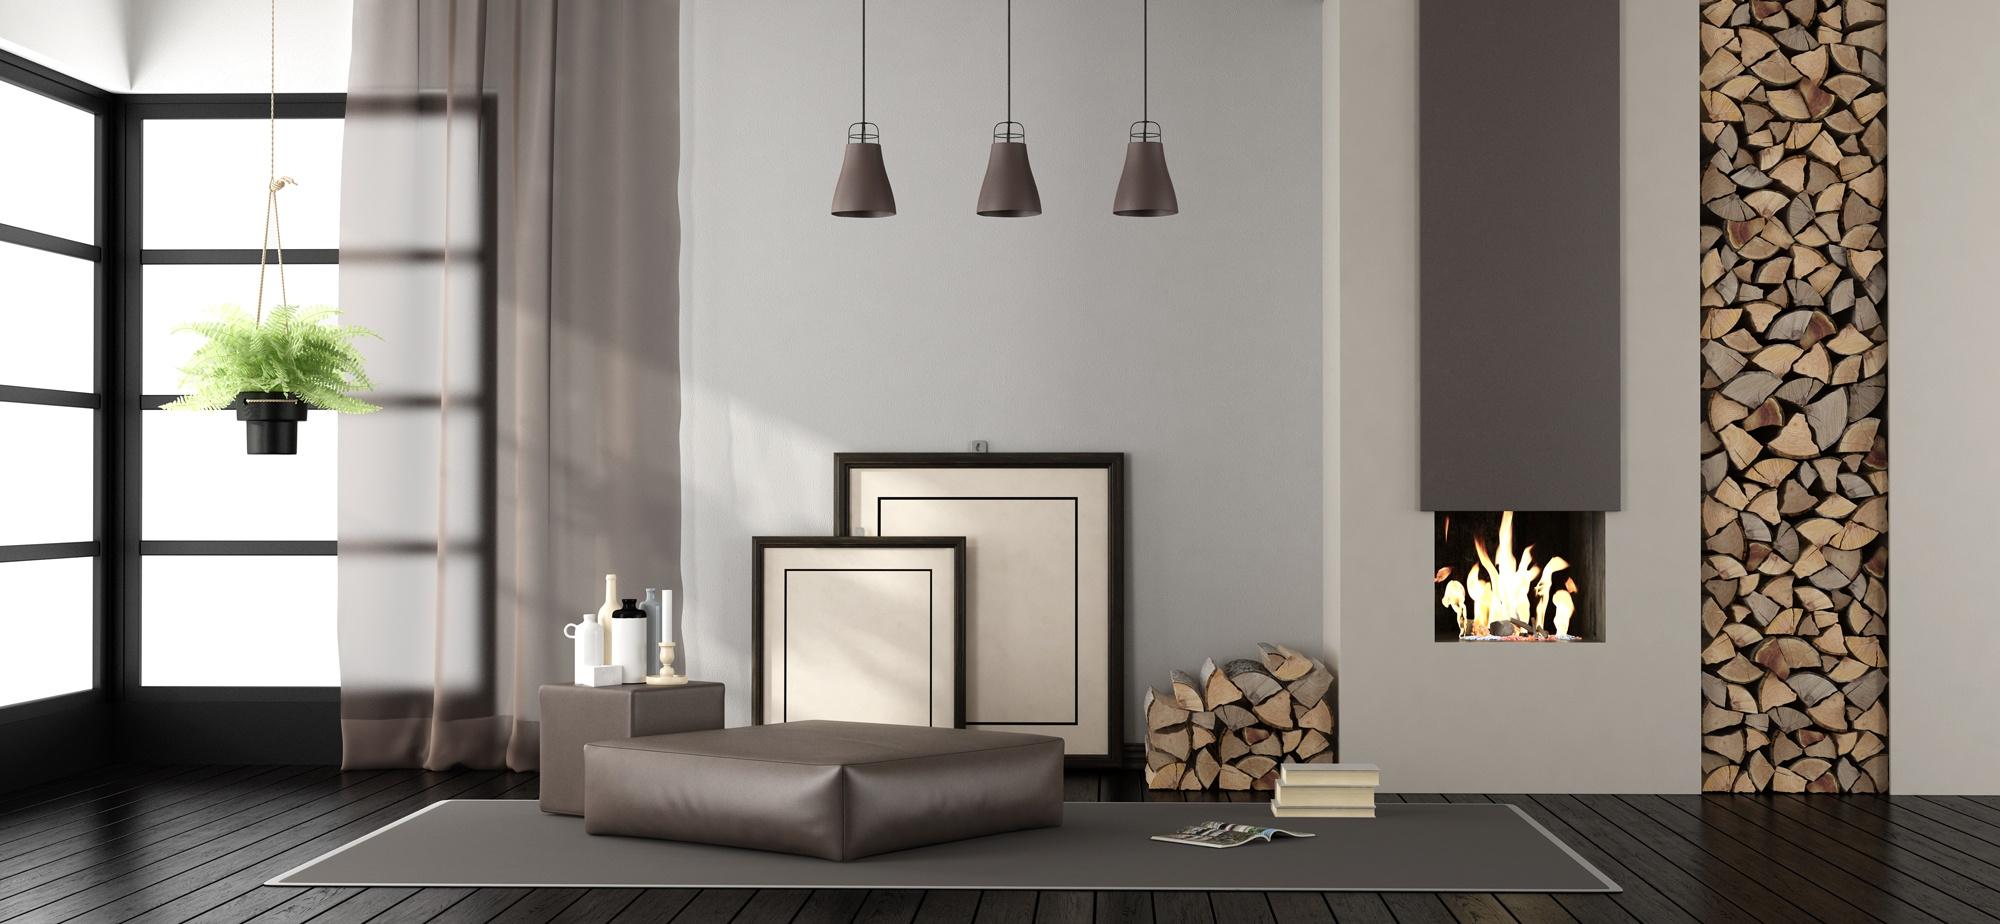 Home Page Sani-Lux - Salon avec cheminée et bois